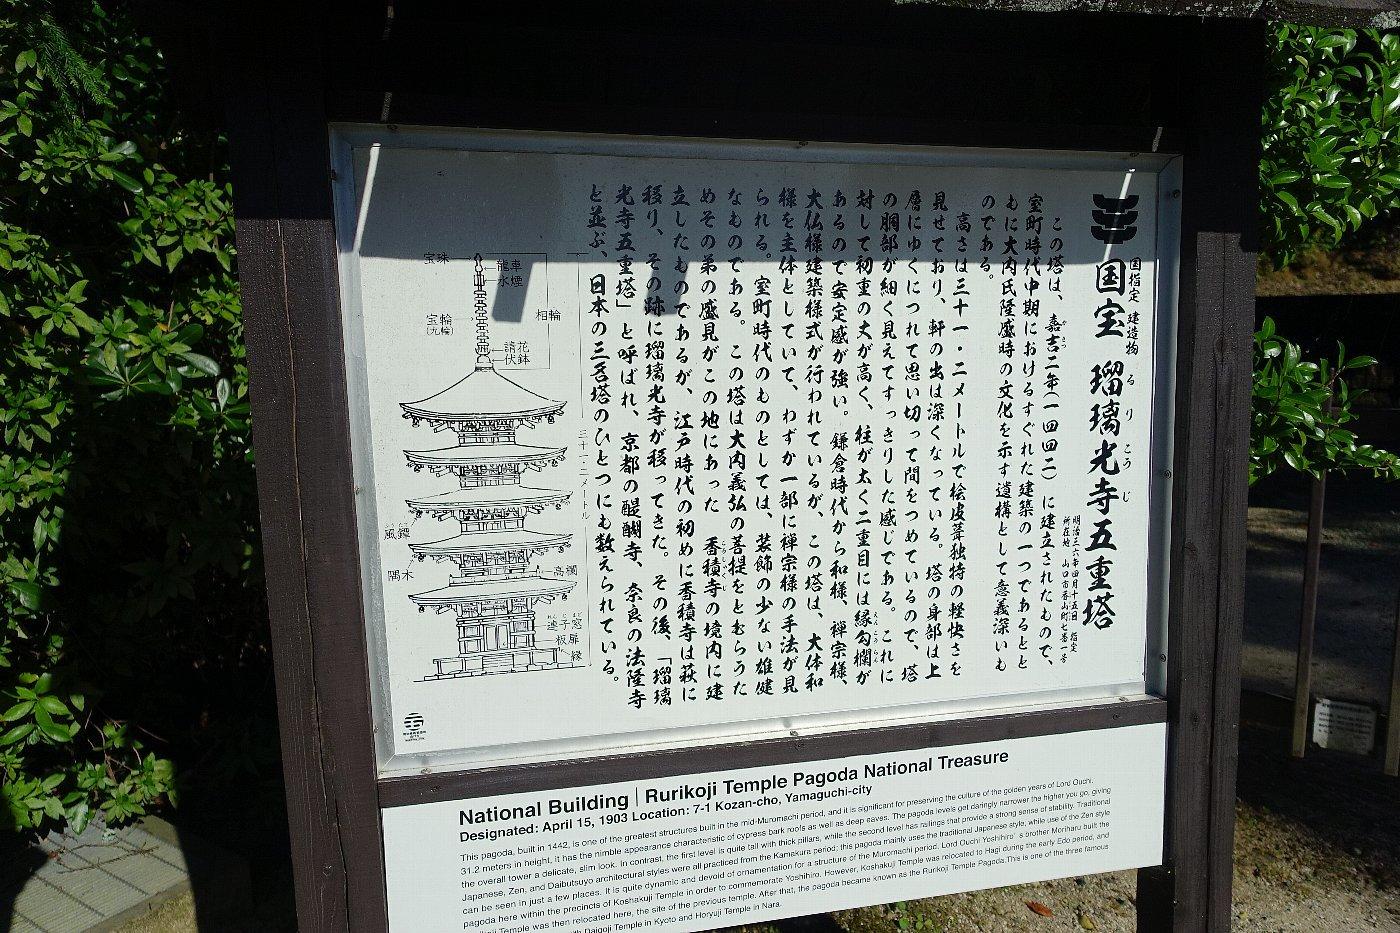 瑠璃光寺 五重塔と池泉庭園_c0112559_08202910.jpg